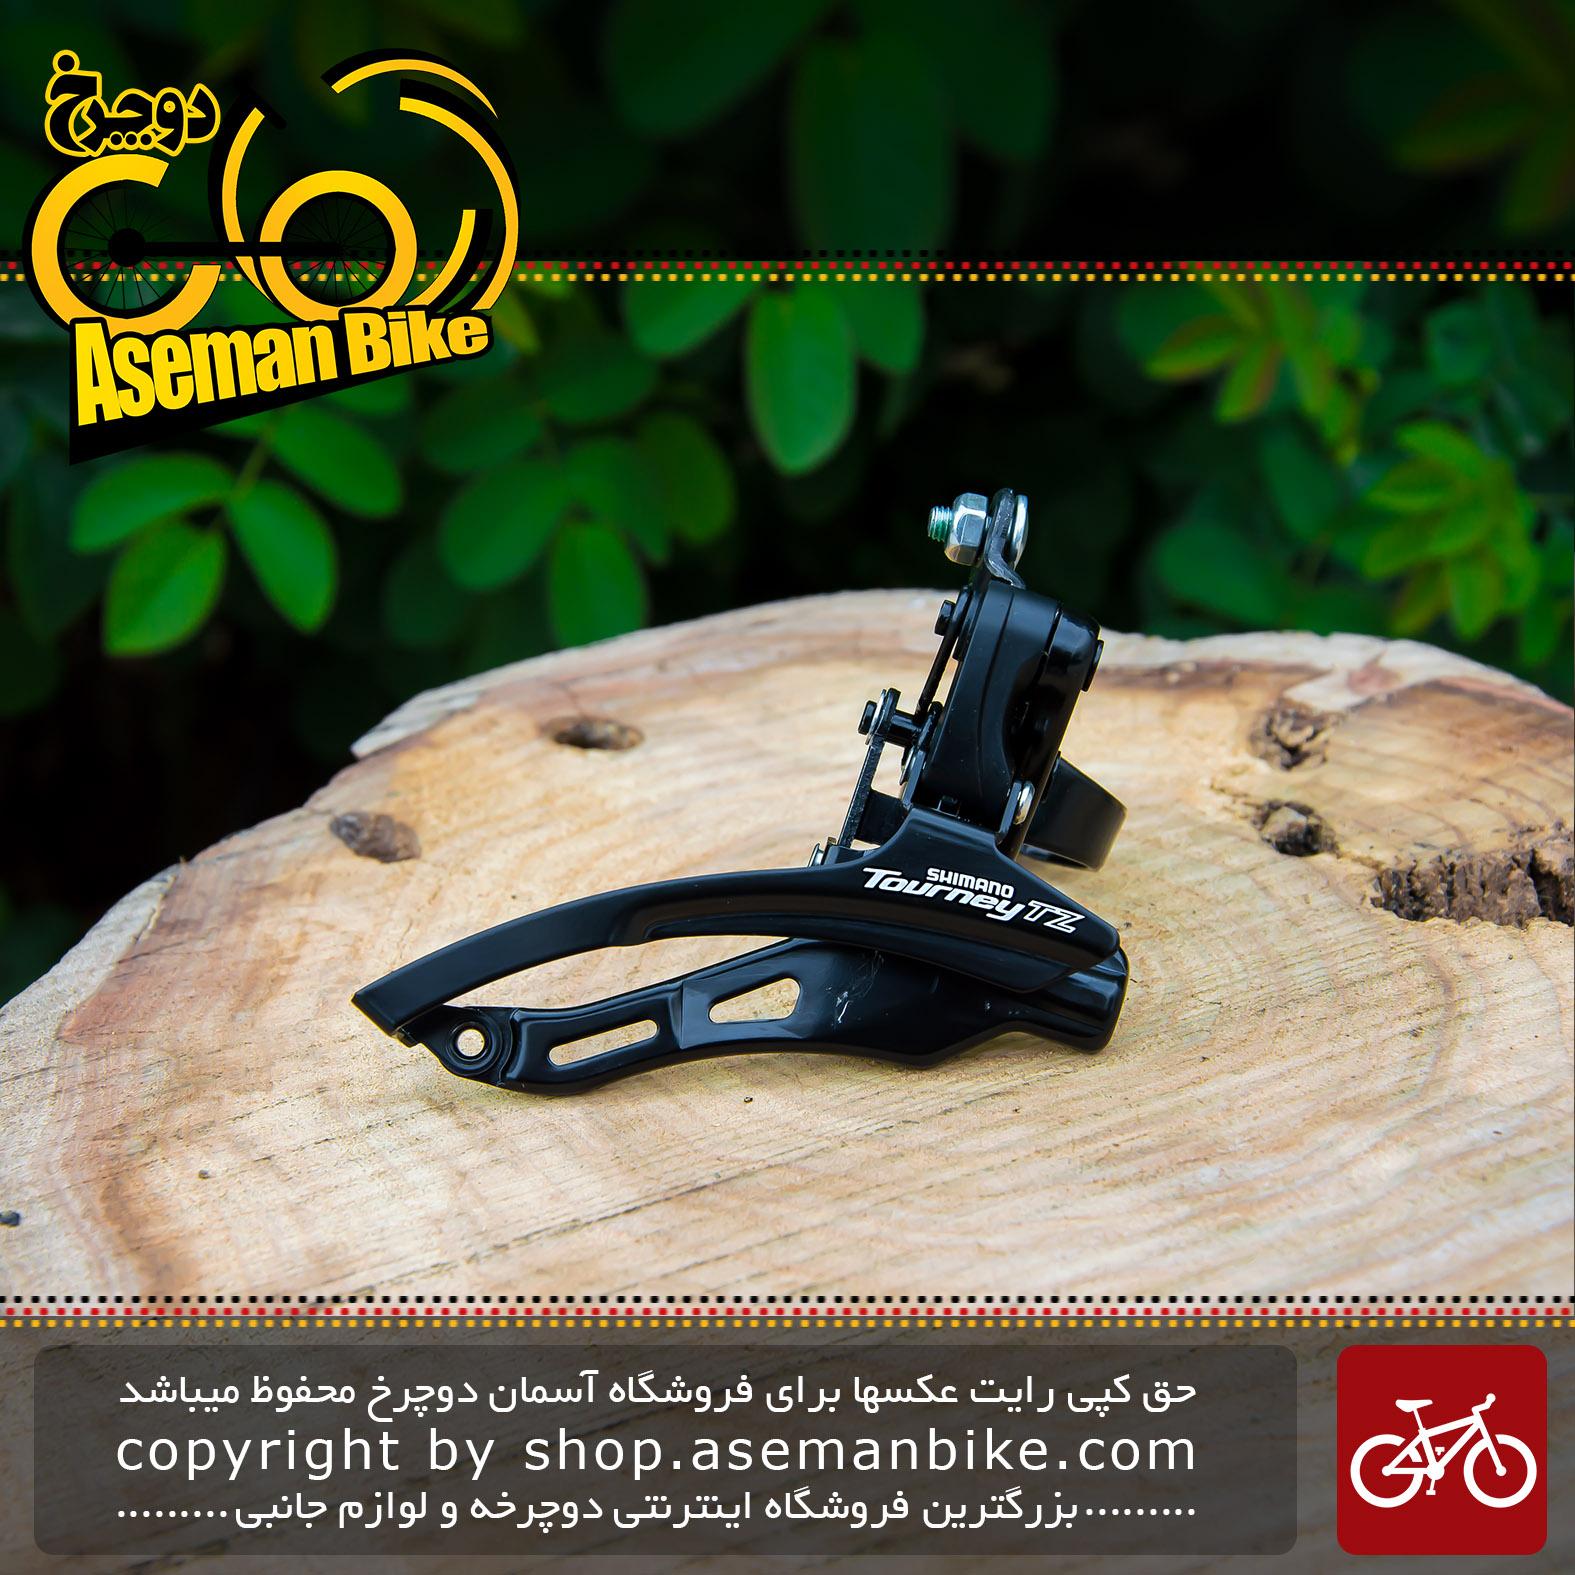 طبق عوض کن دوچرخه شیمانو تورنی Shimano FD-TZ